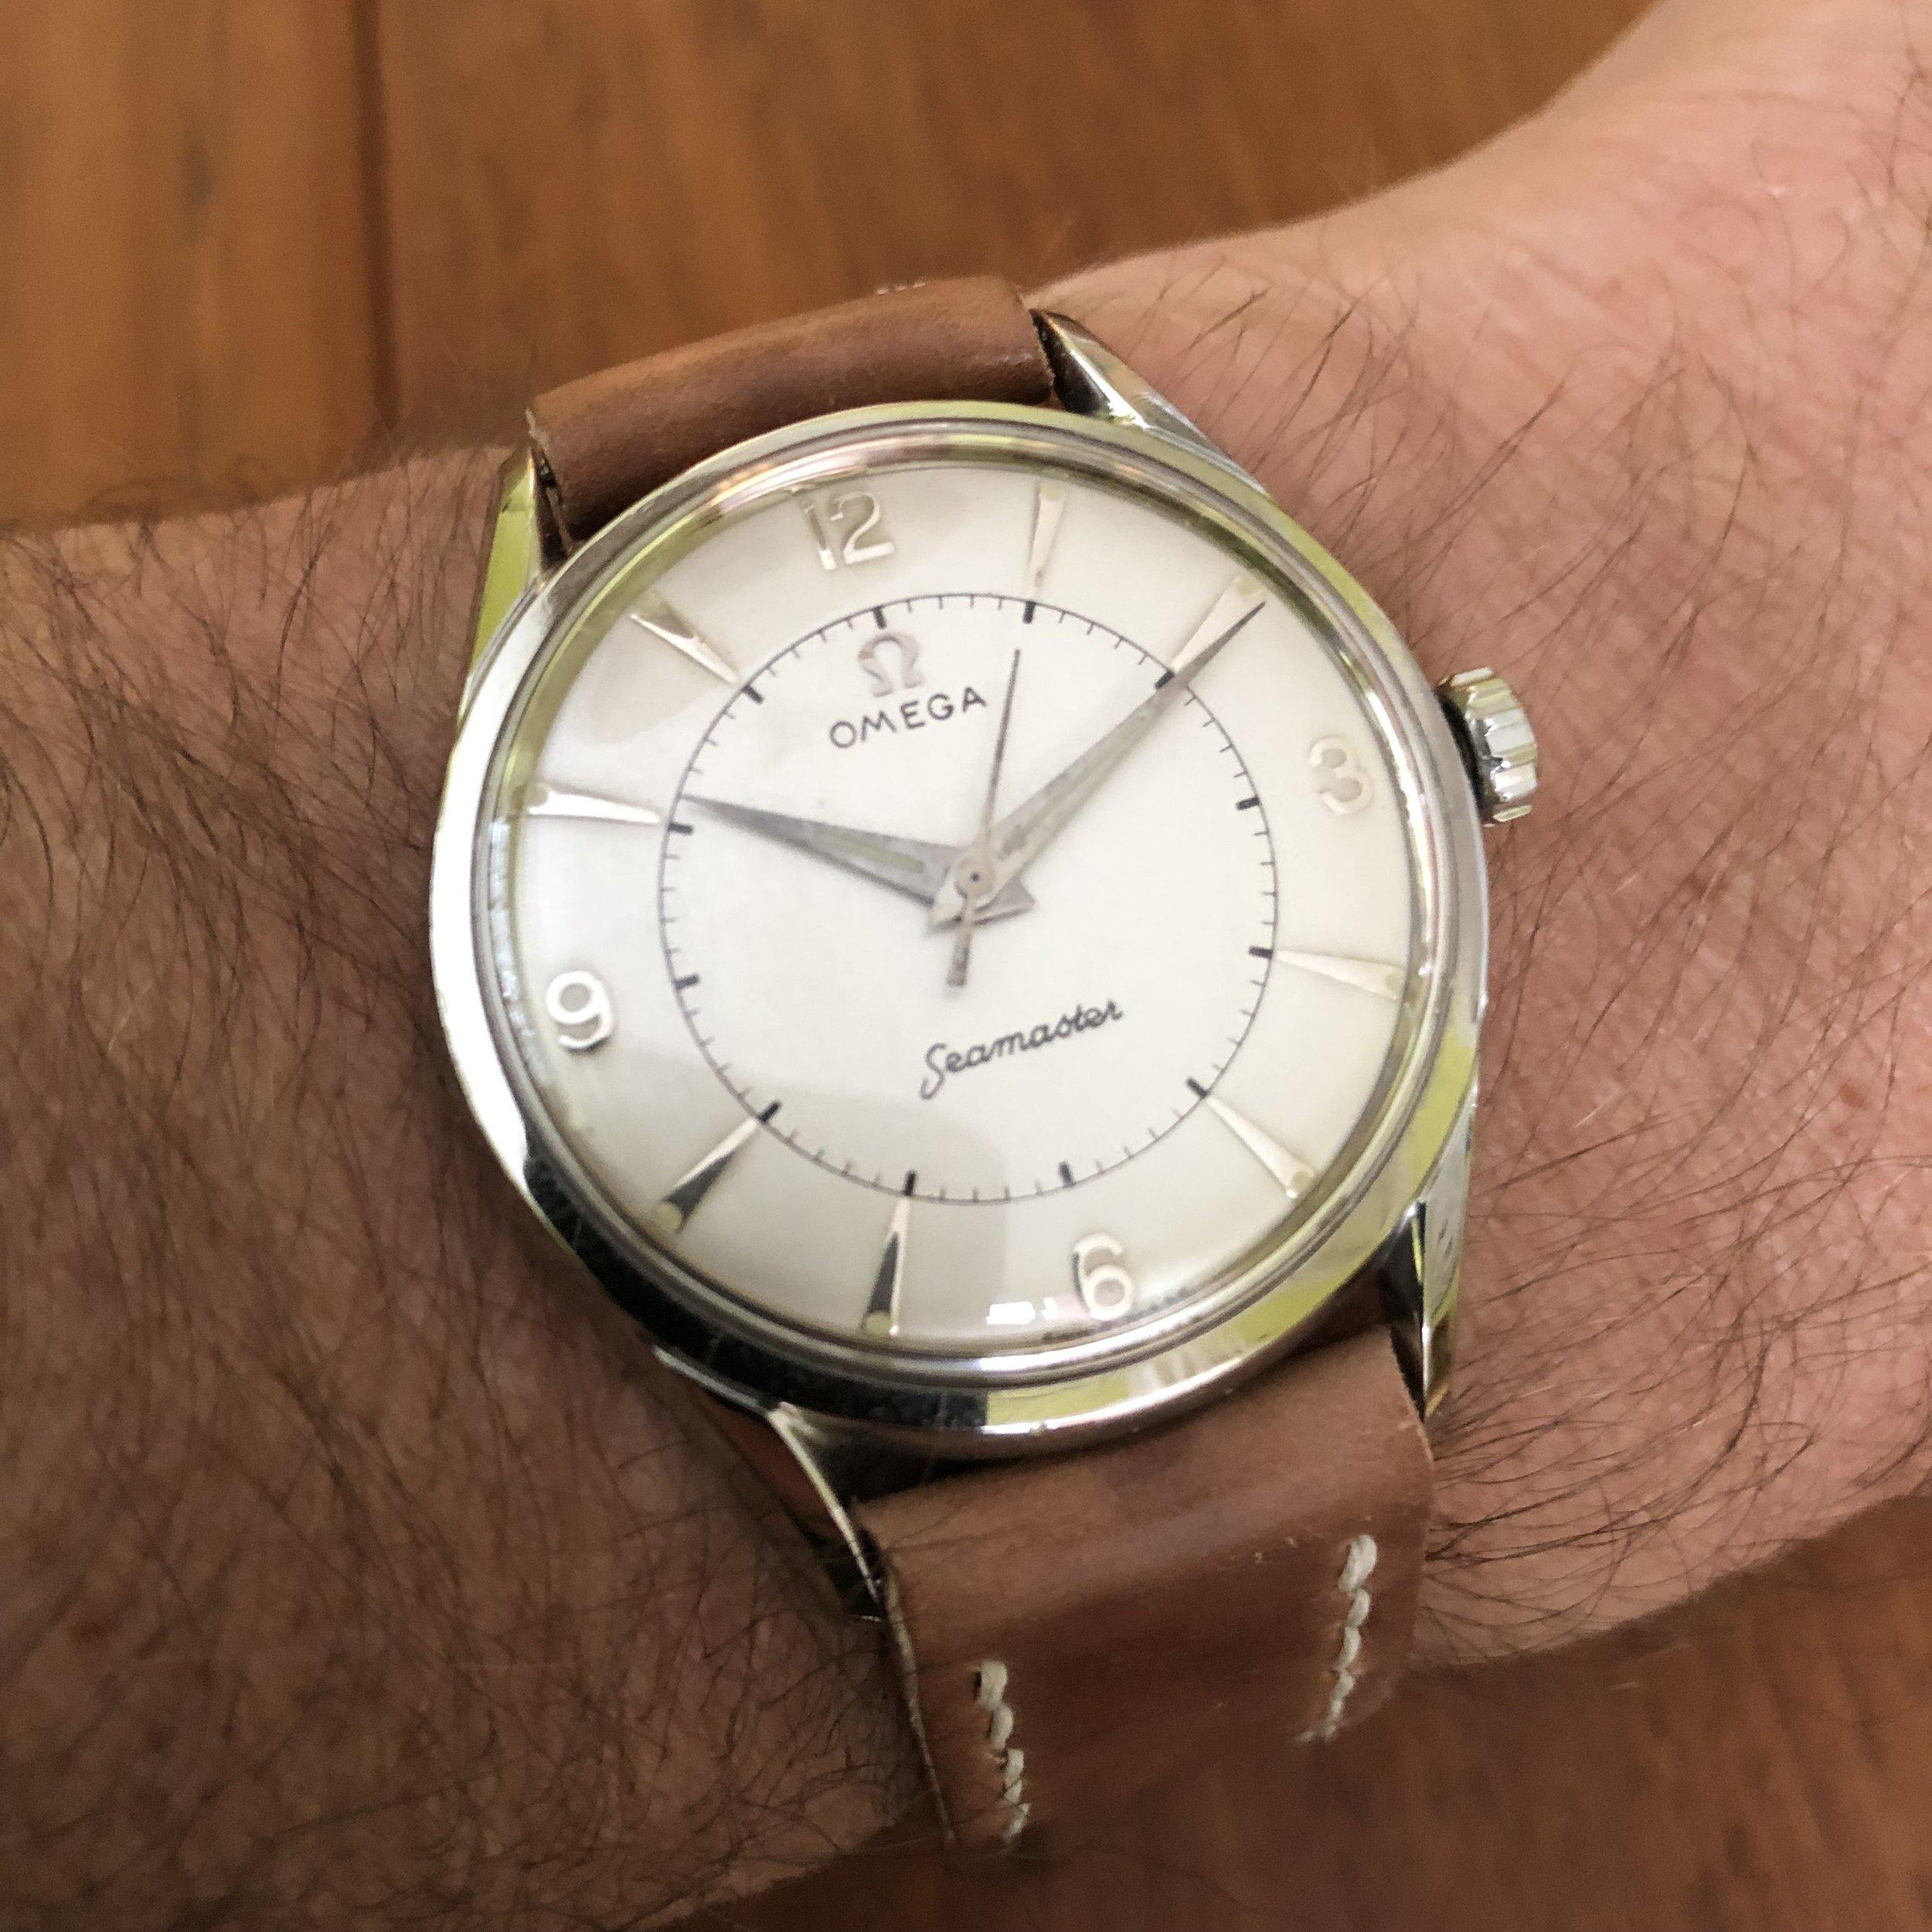 Case ref 6042 caliber 284 Omega wristwatch.